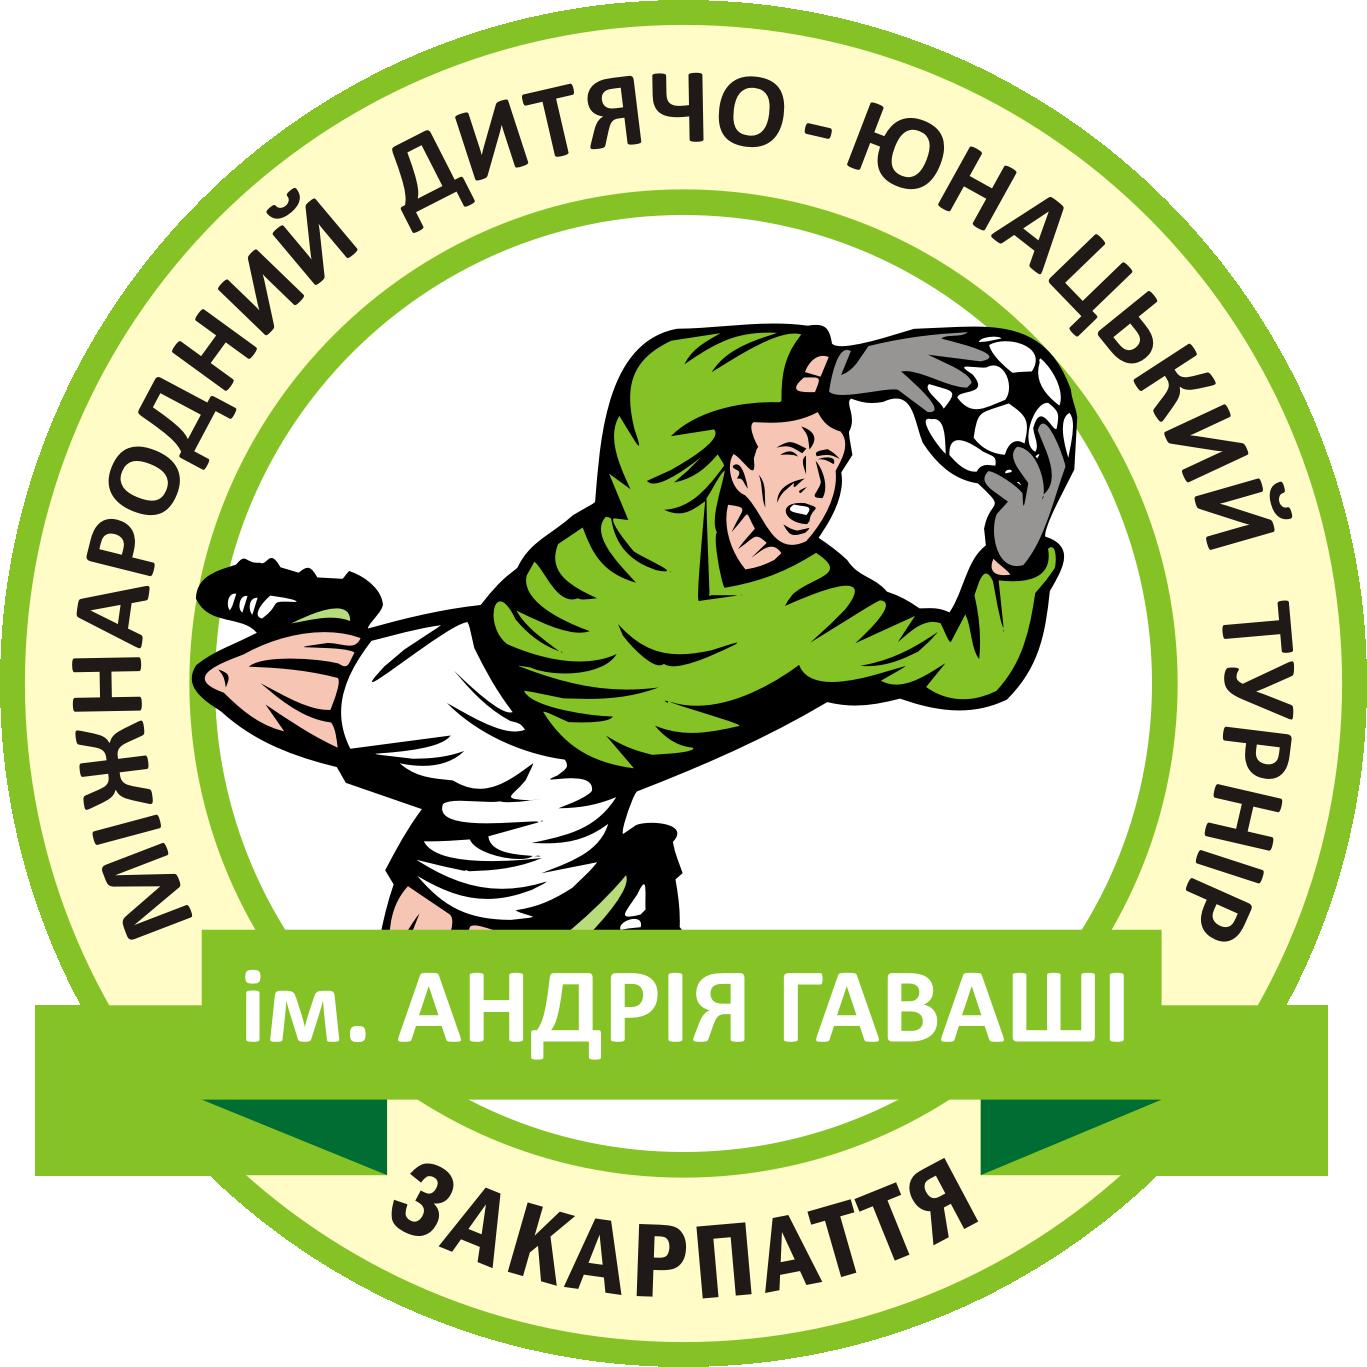 Havasi_logo_goljvne